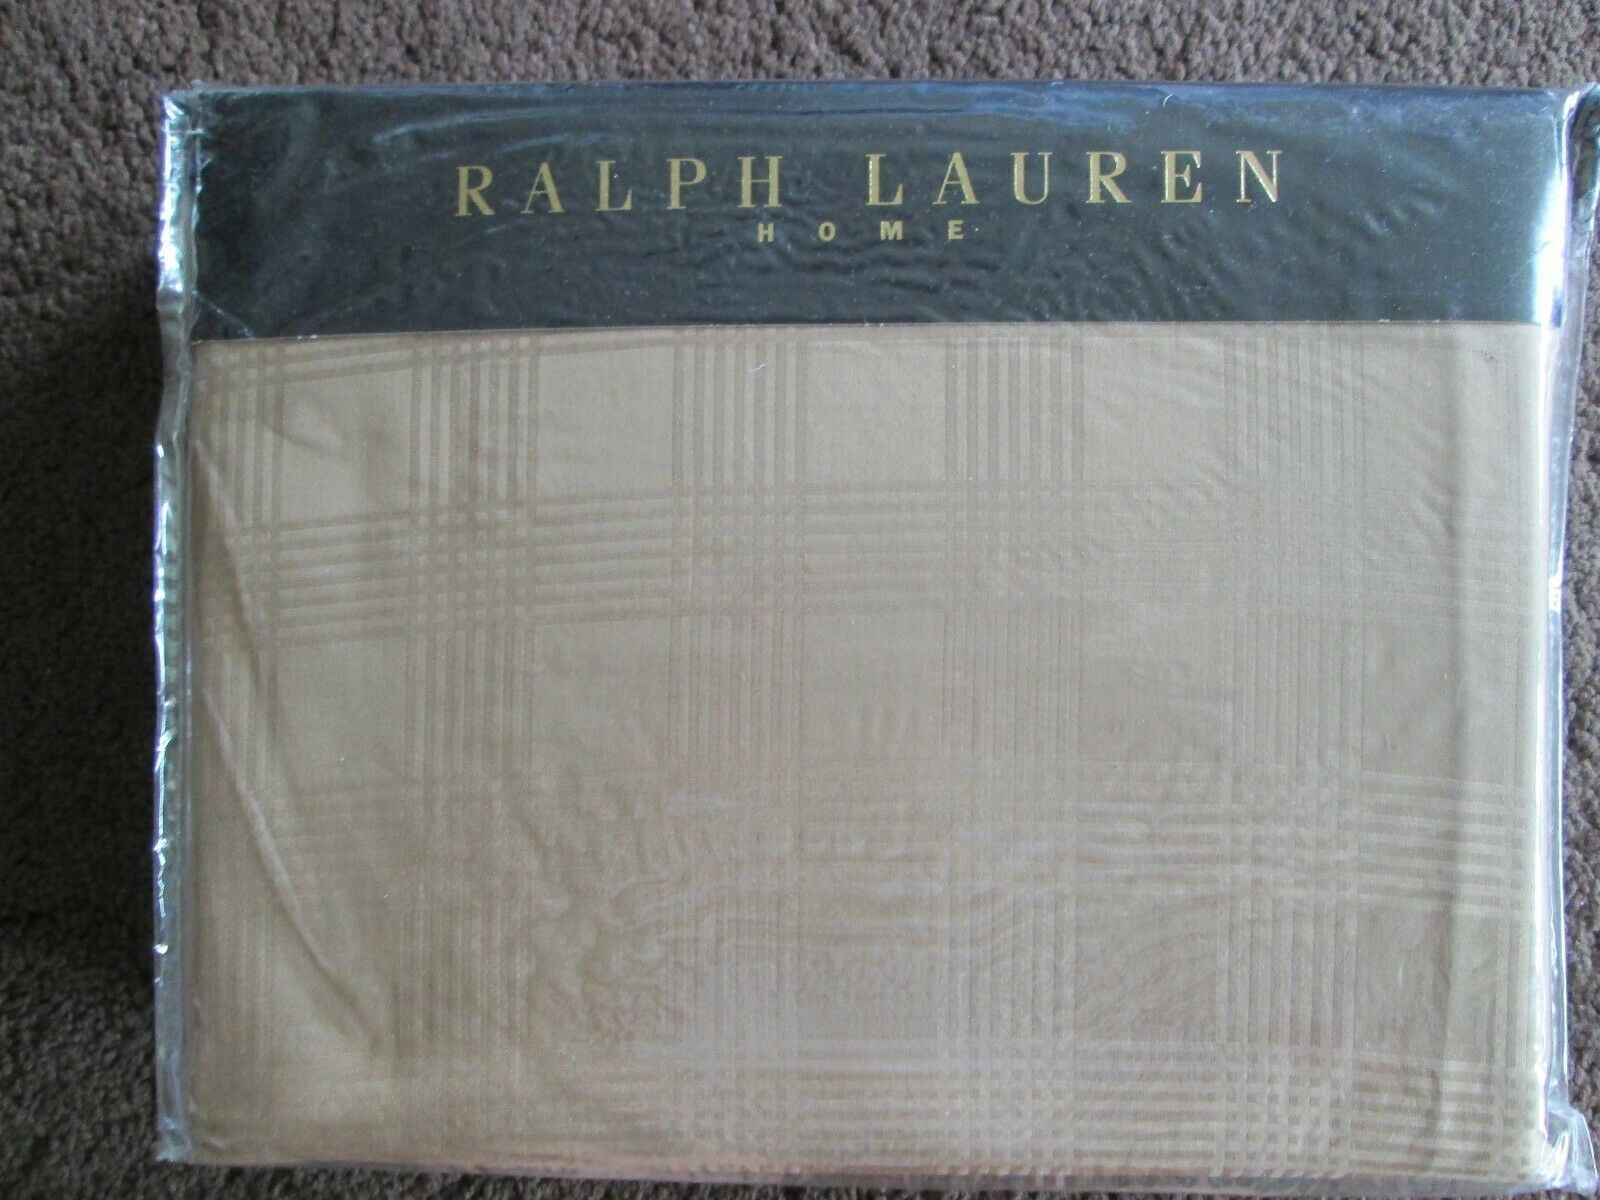 RALPH LAUREN SUPER KING DUVET SET IN LAUREN SUITE GLENPLAID DESIGN